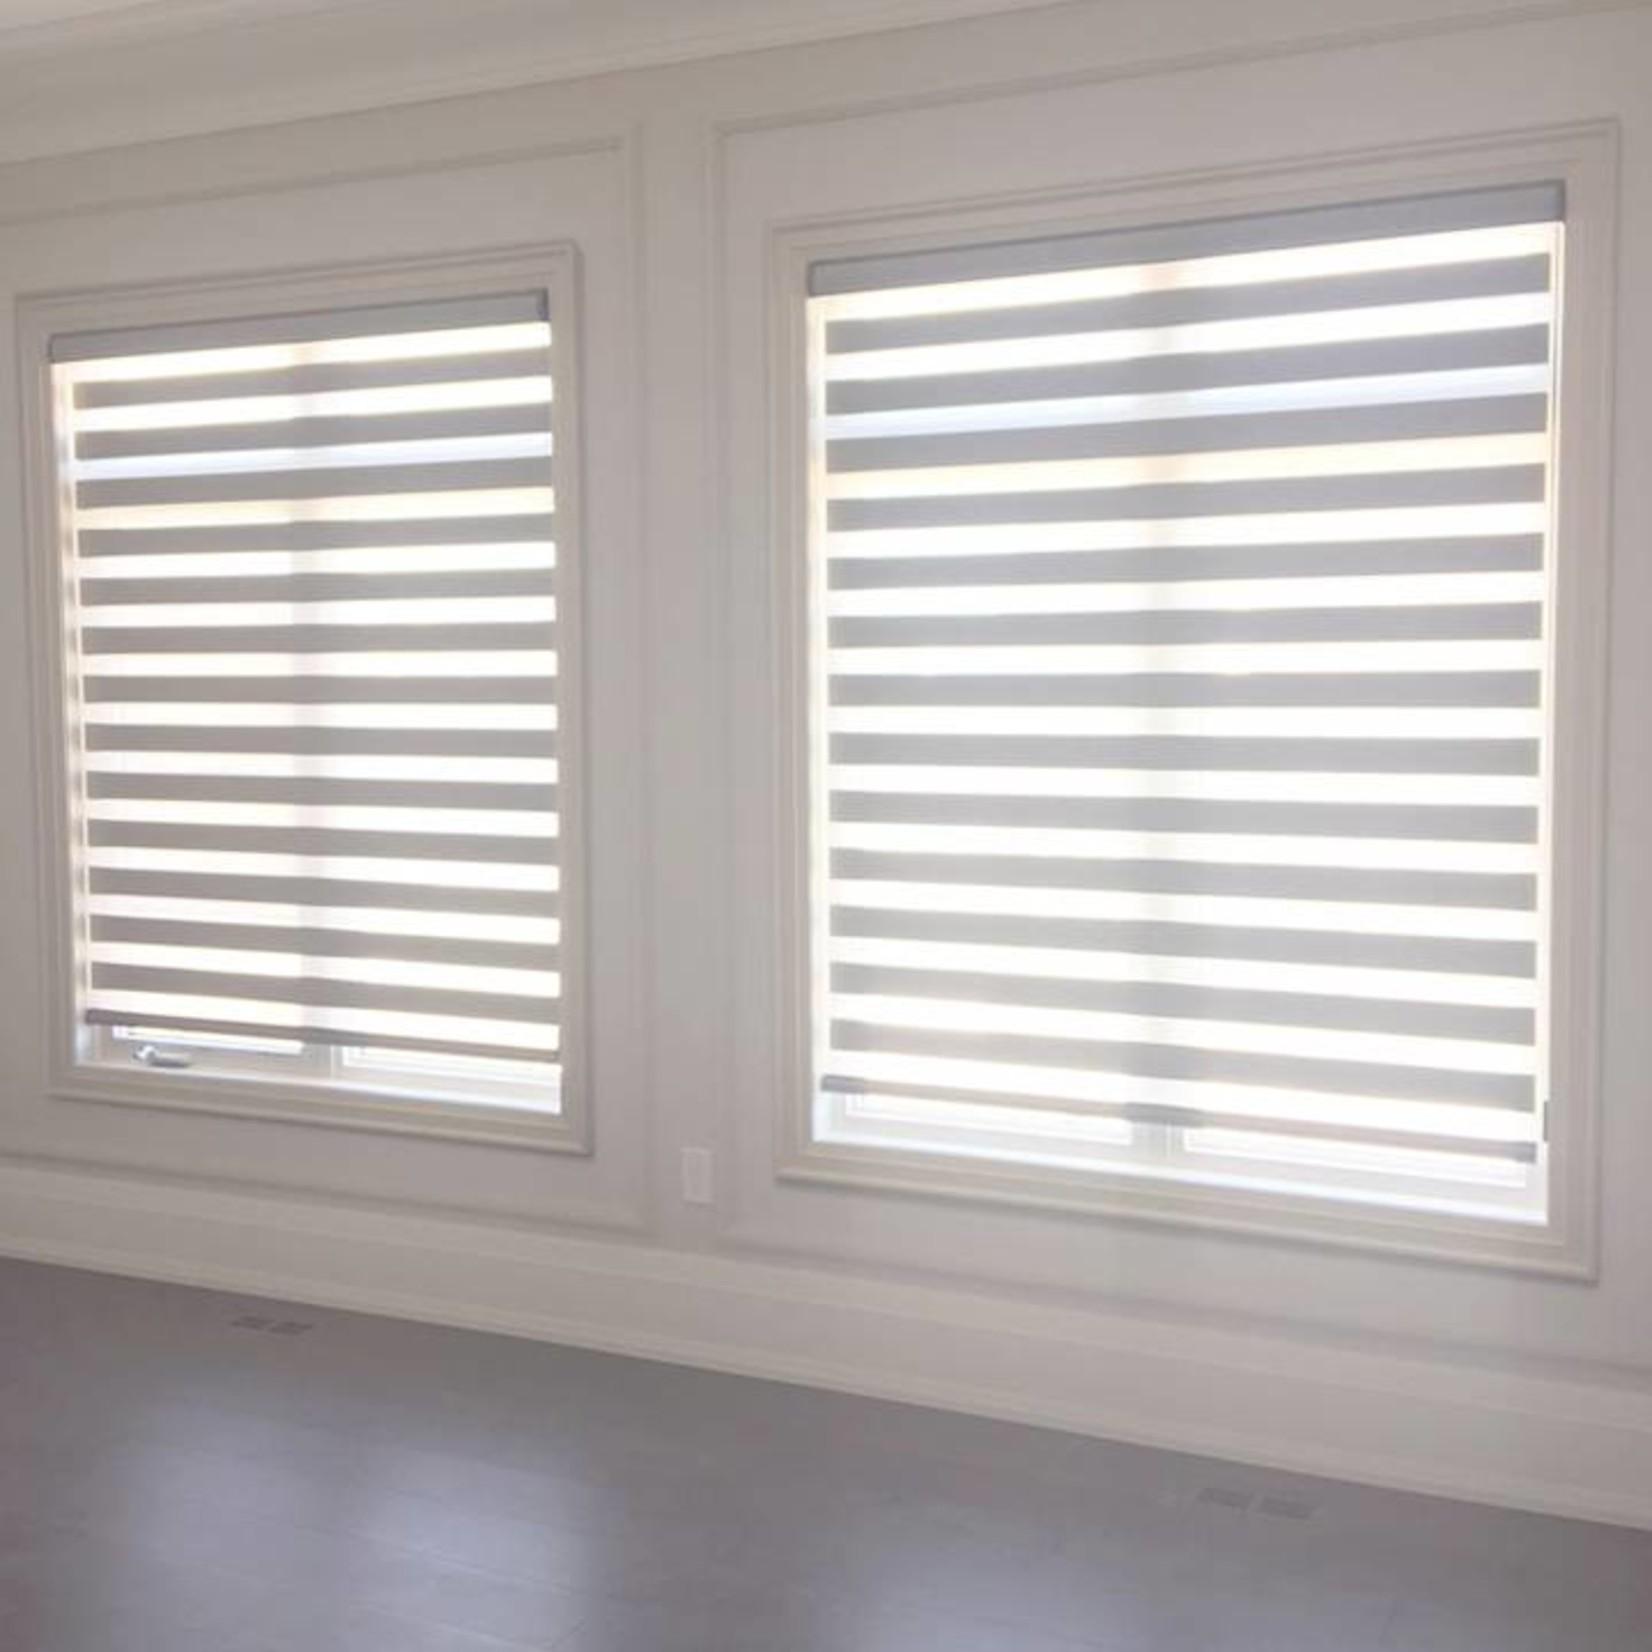 Trendy Blinds Combi Lento room darkening